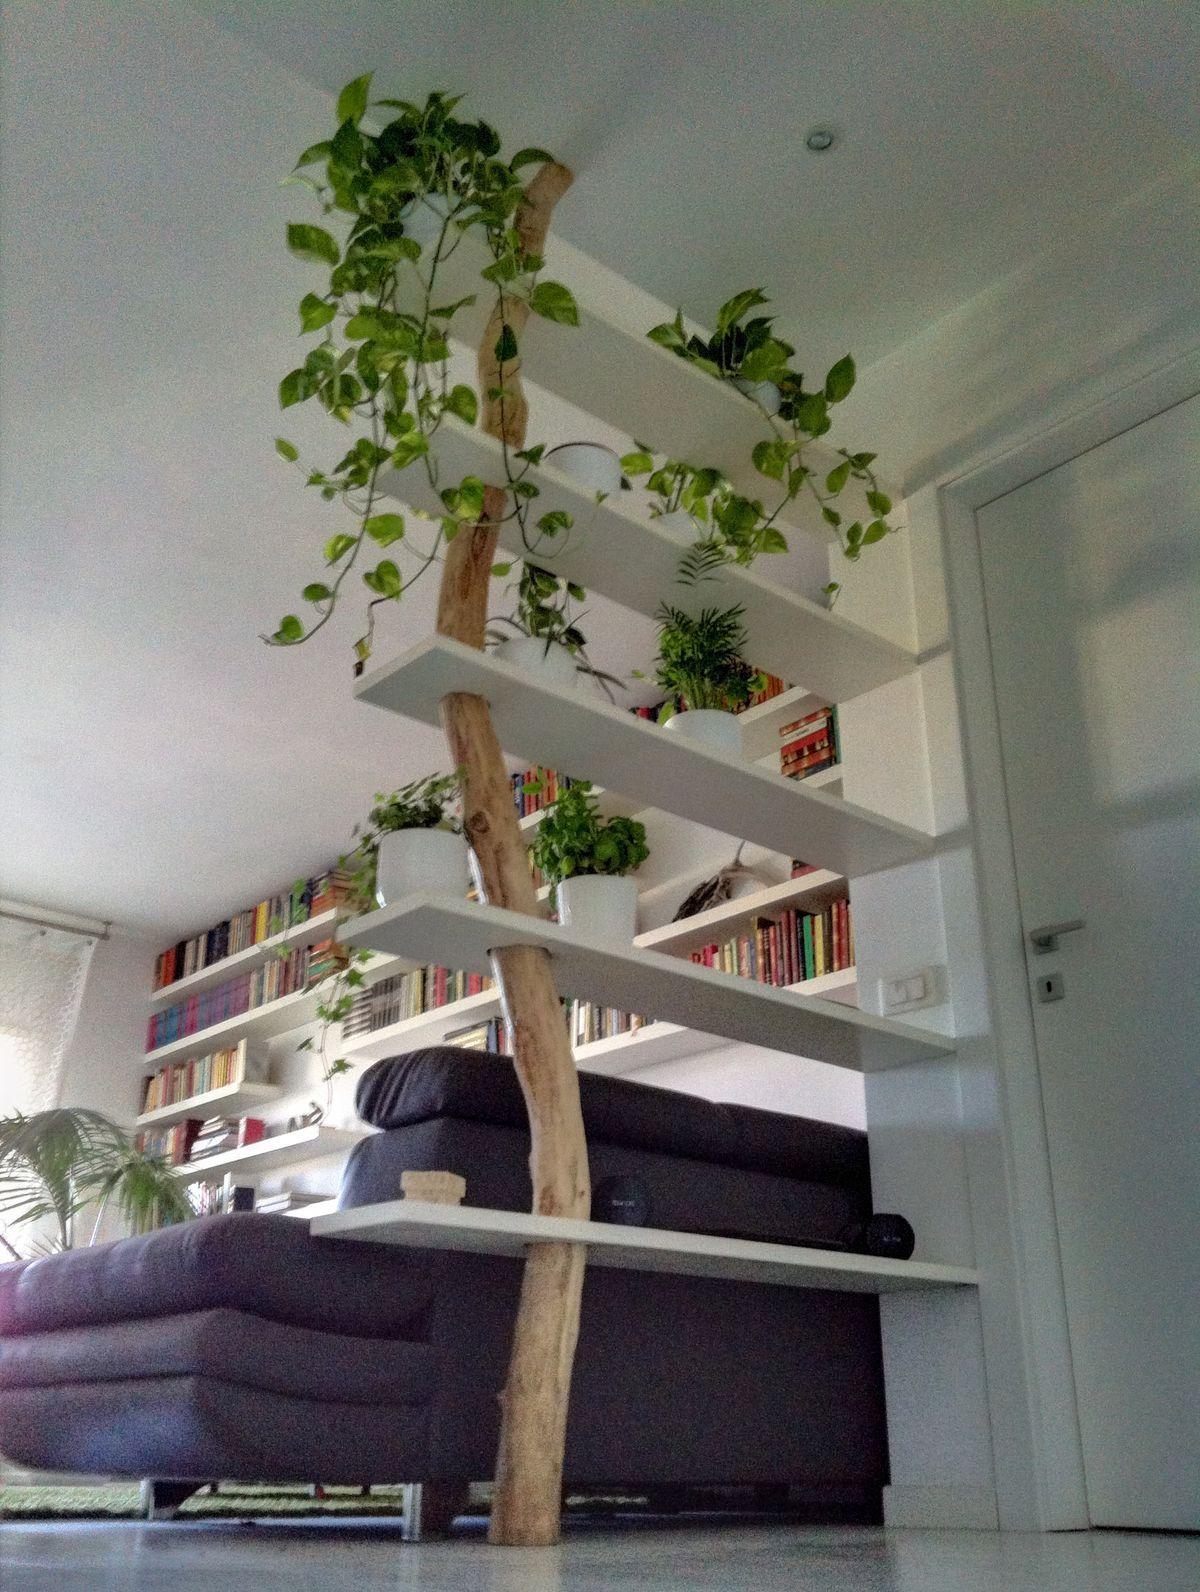 cacher le frigo brico deco pinterest fausse plante frigo et cacher. Black Bedroom Furniture Sets. Home Design Ideas